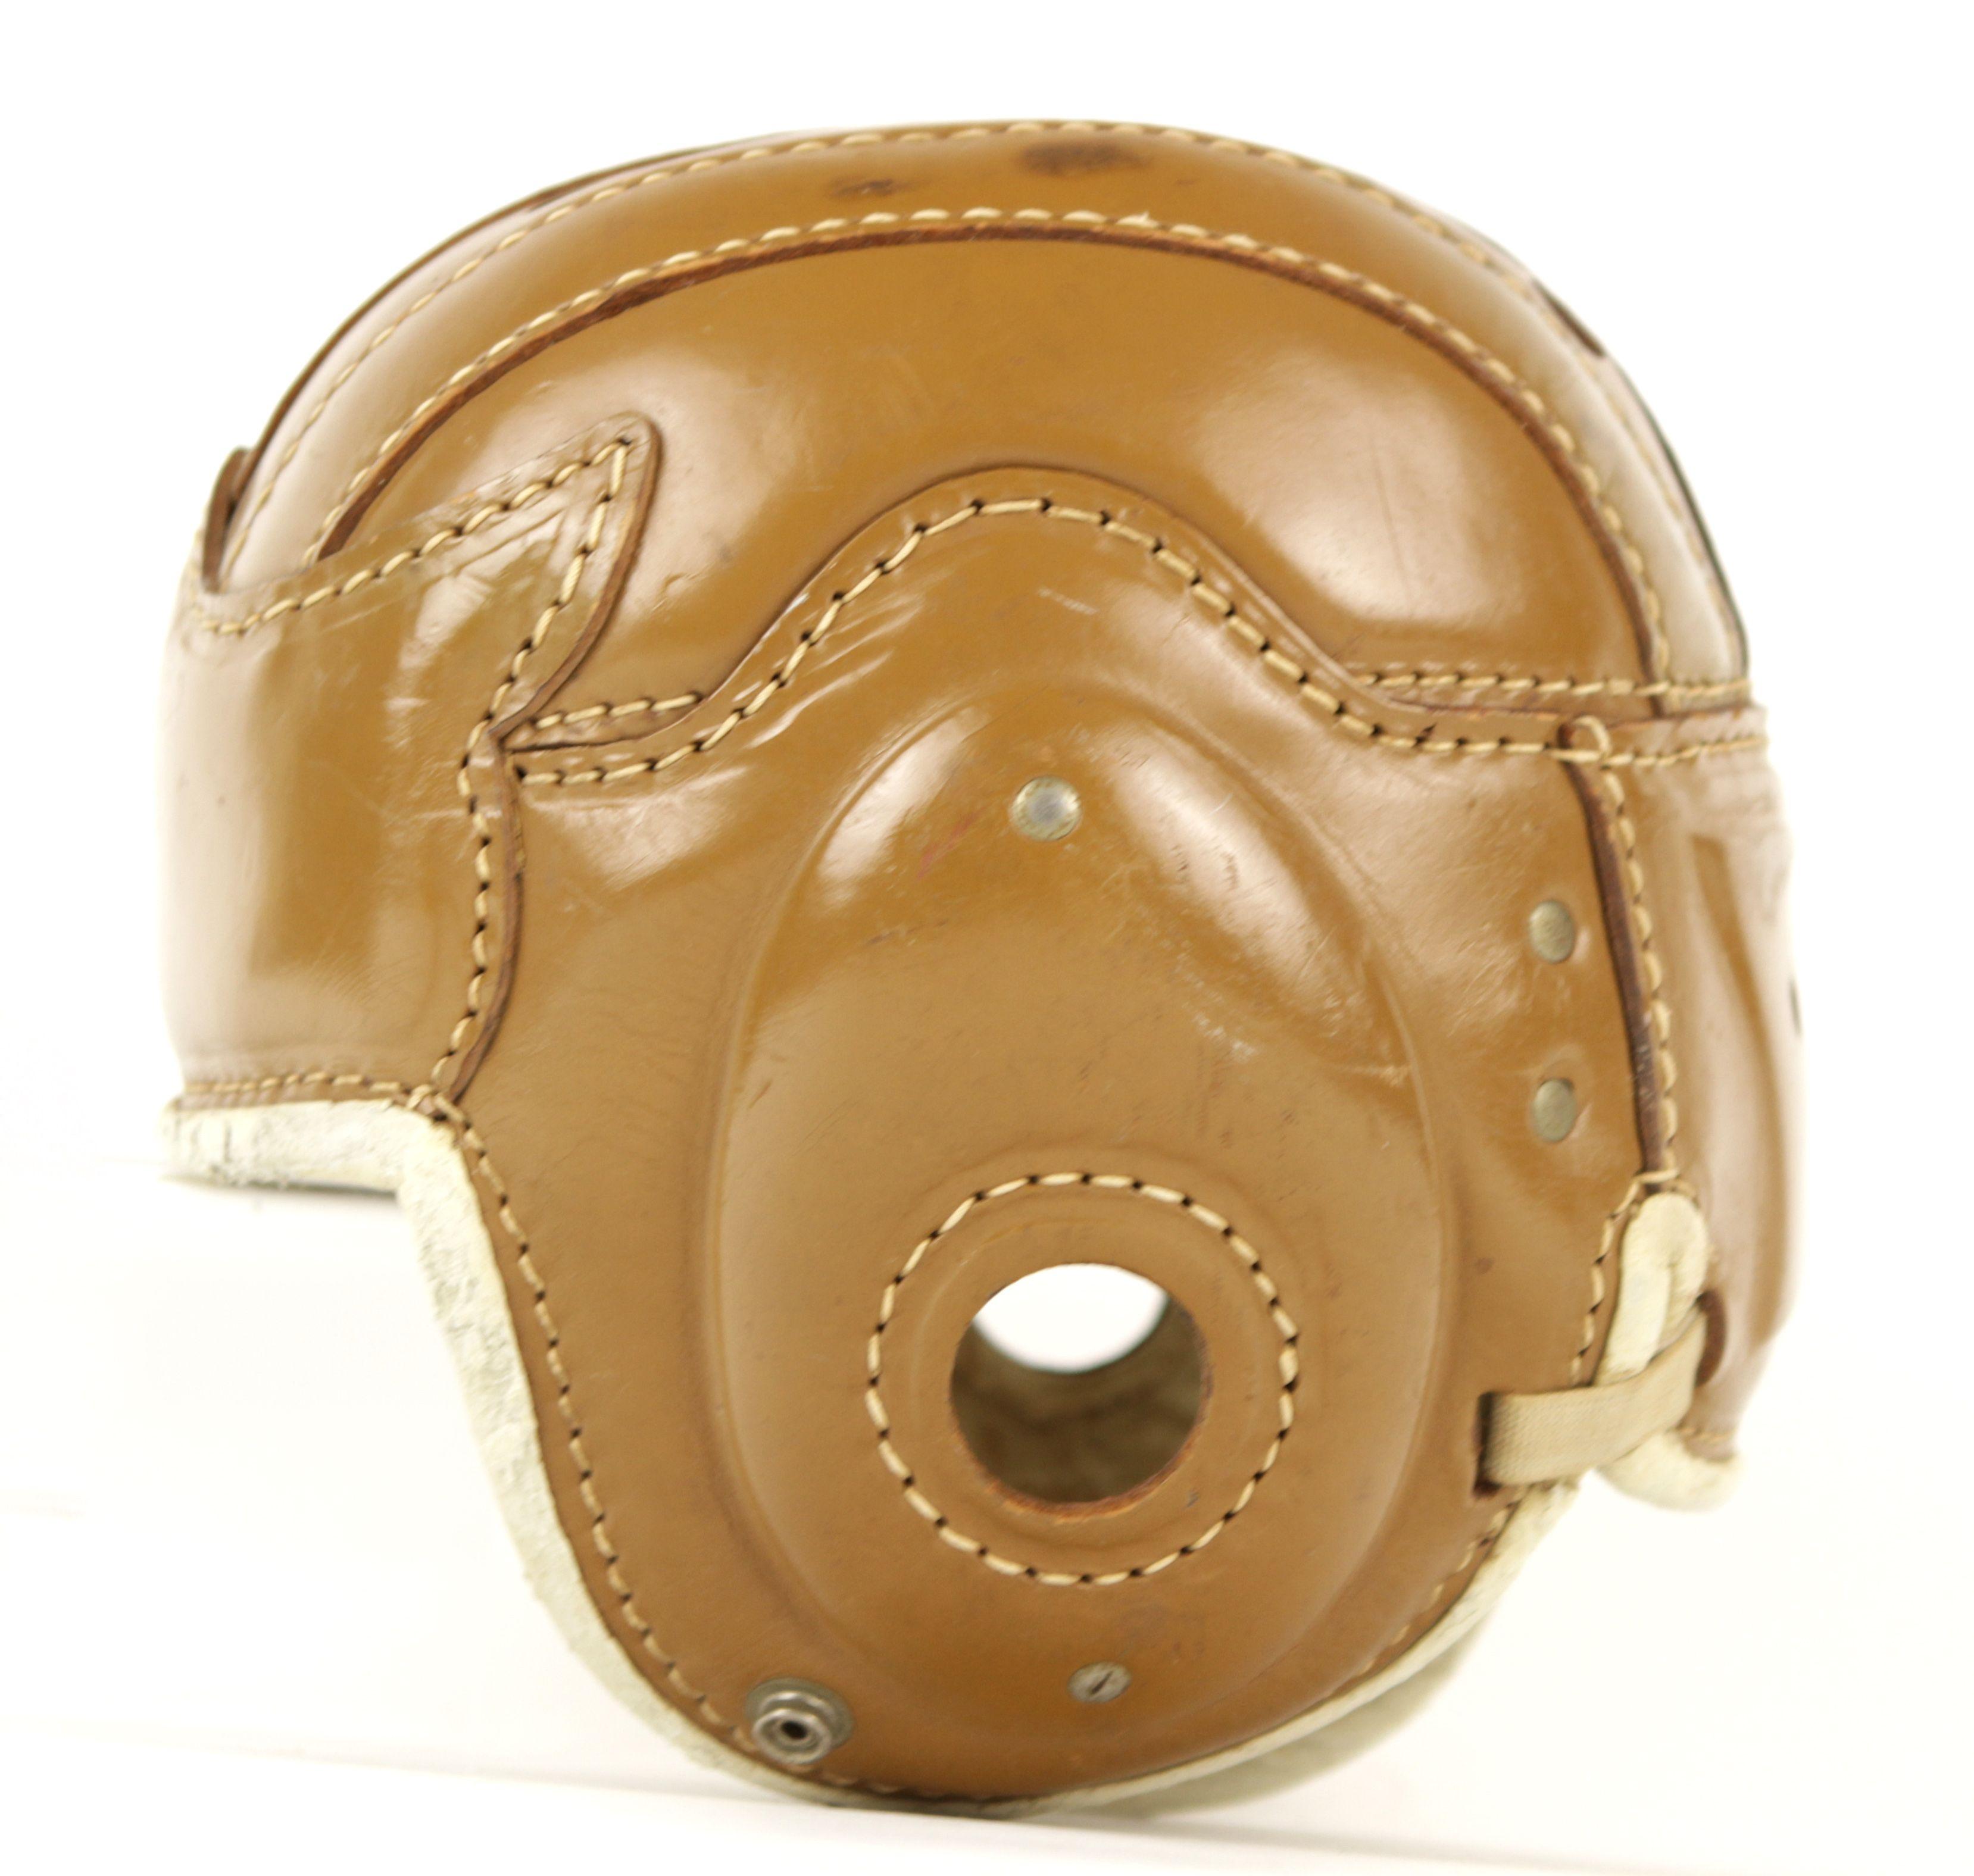 Vintage Leather Football Helmets 57